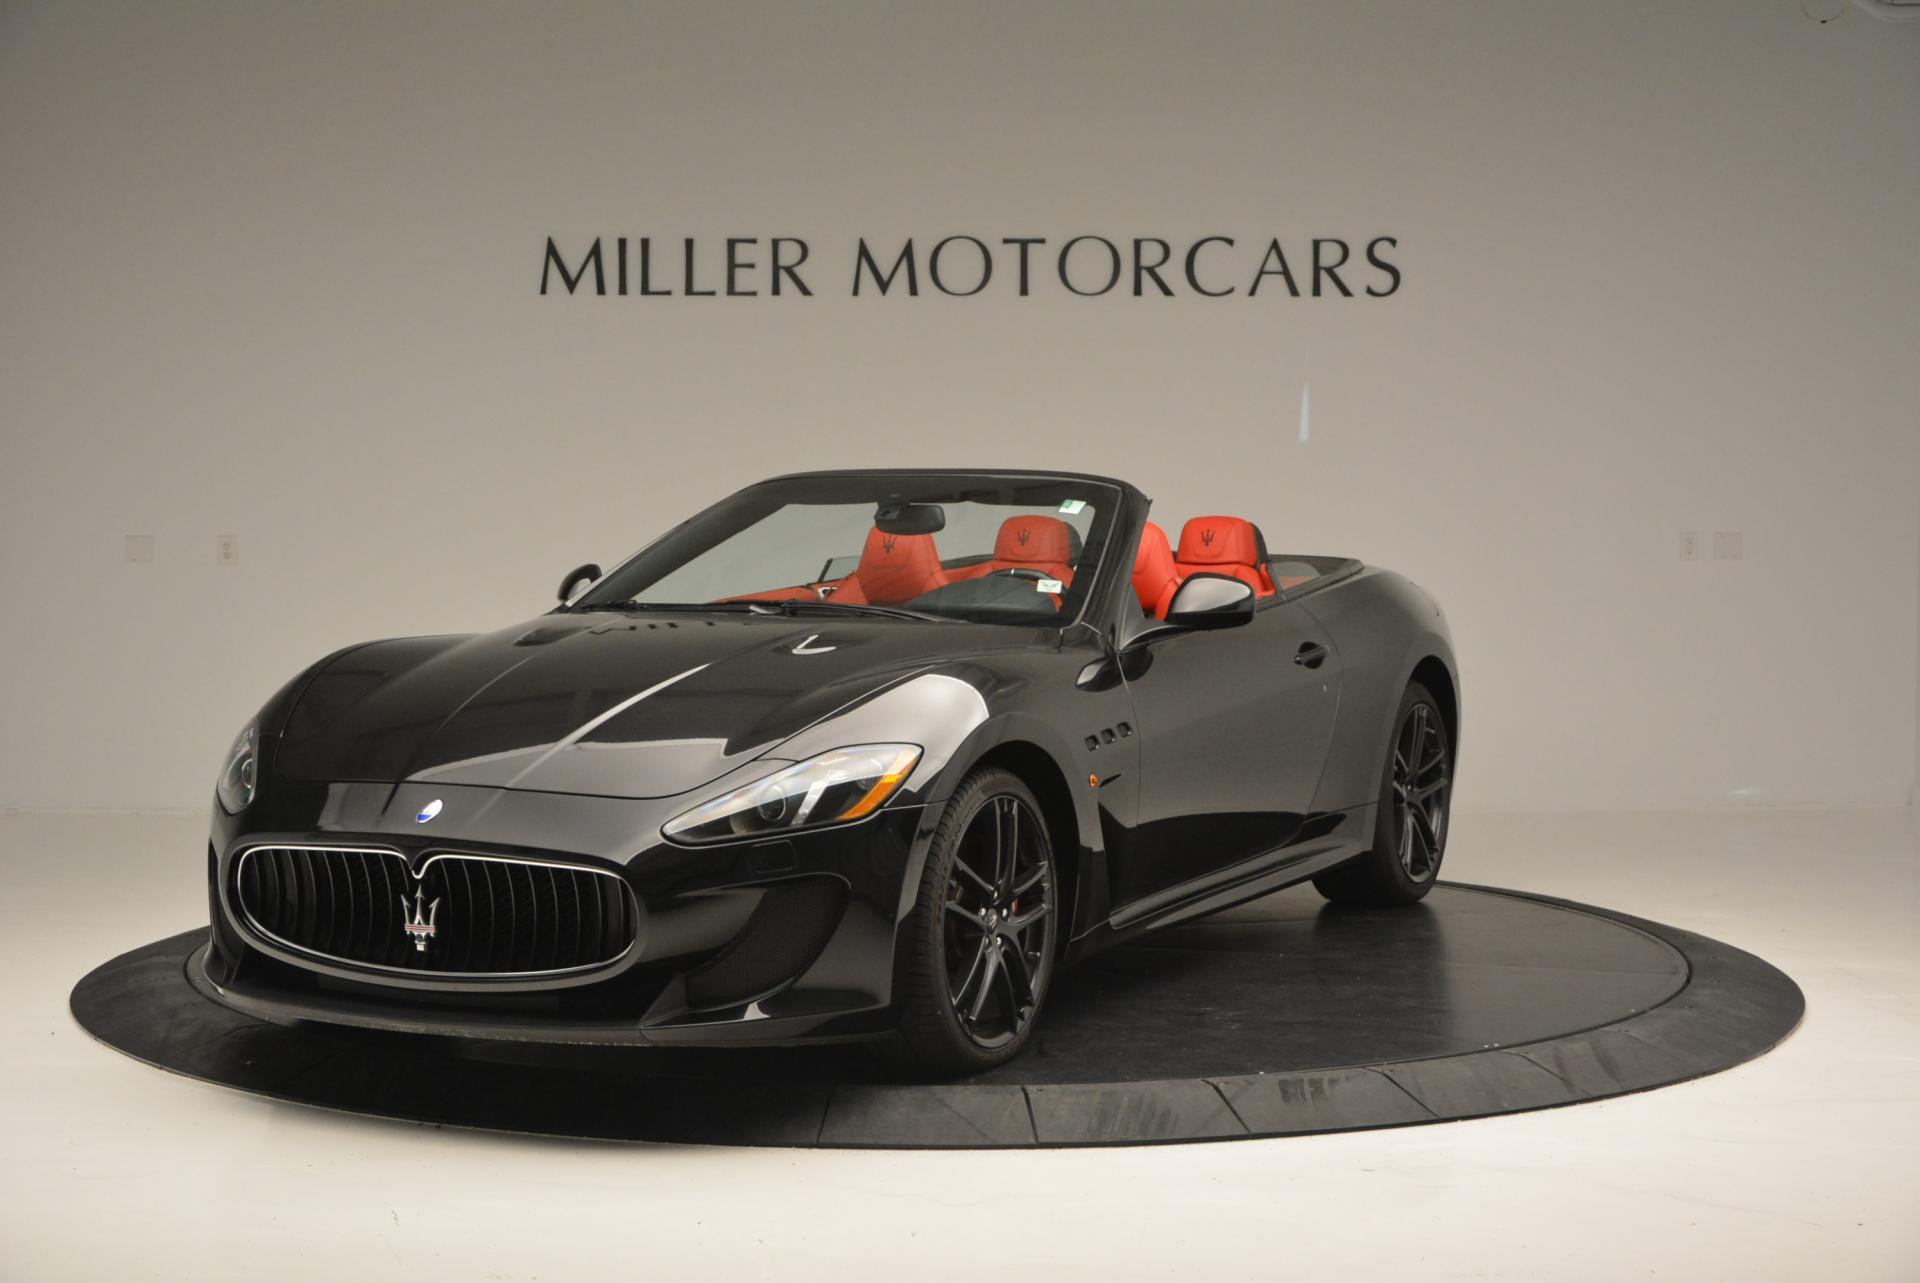 Used 2013 Maserati GranTurismo MC for sale Sold at Bugatti of Greenwich in Greenwich CT 06830 1